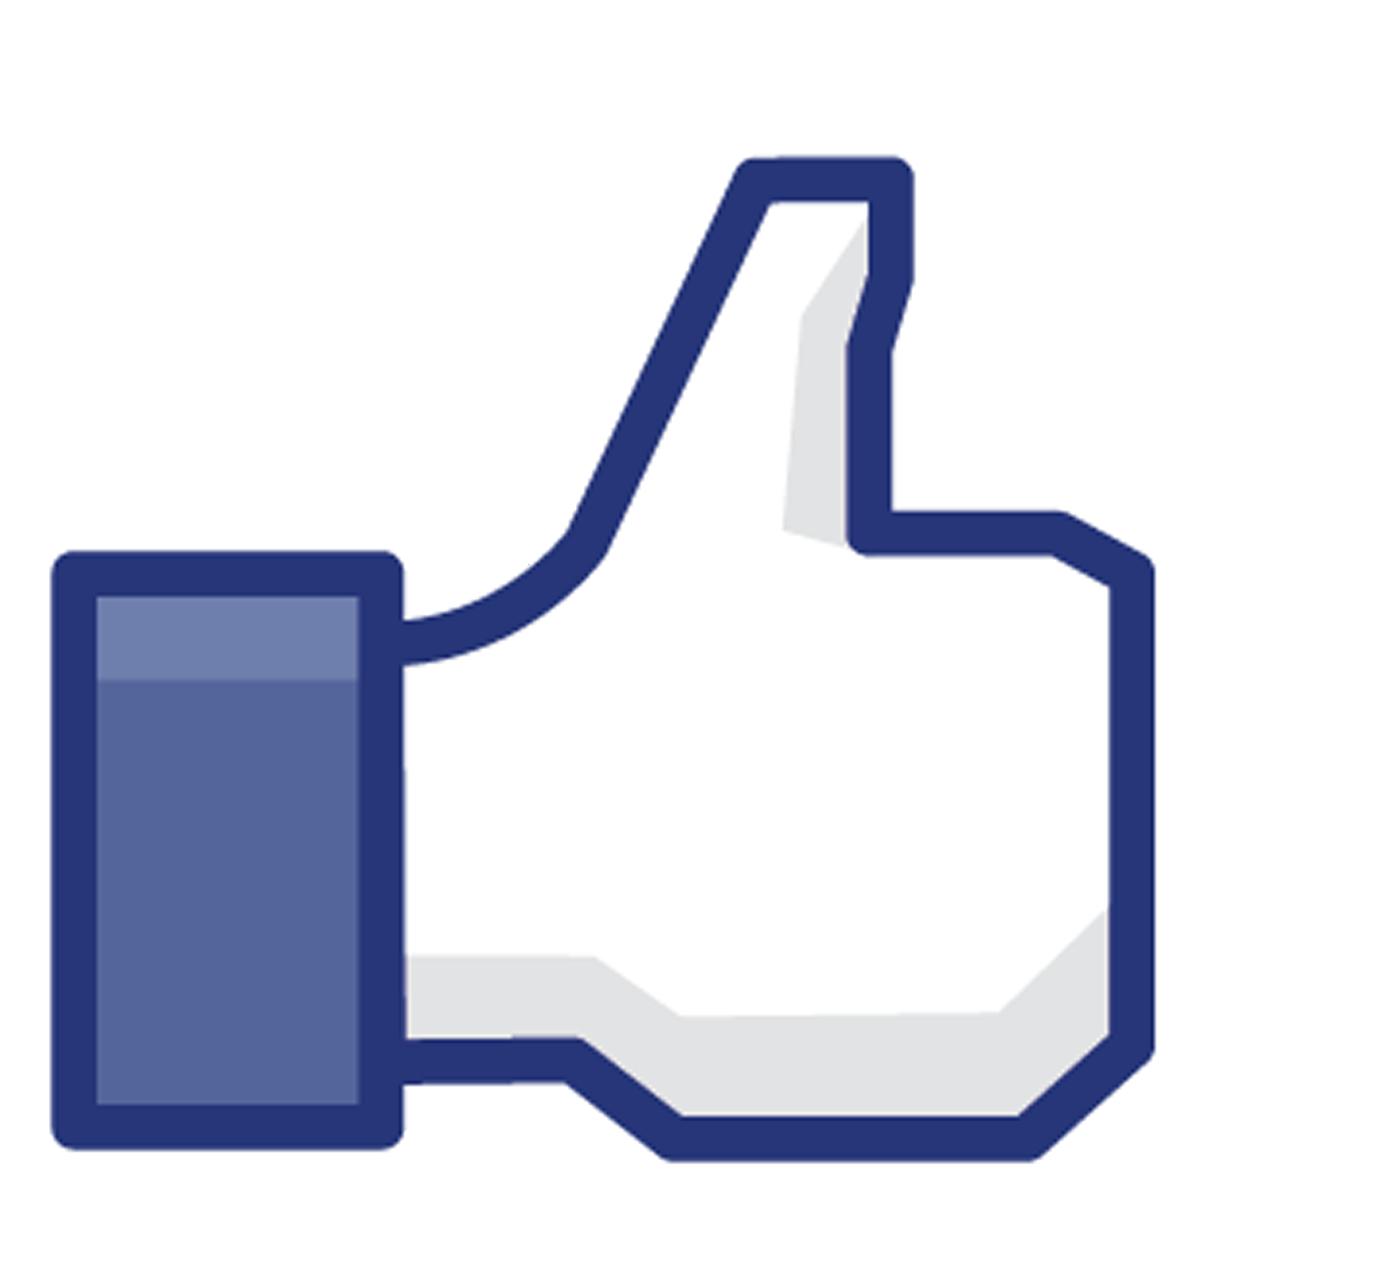 Facebook Png PNG Image - Facebook PNG